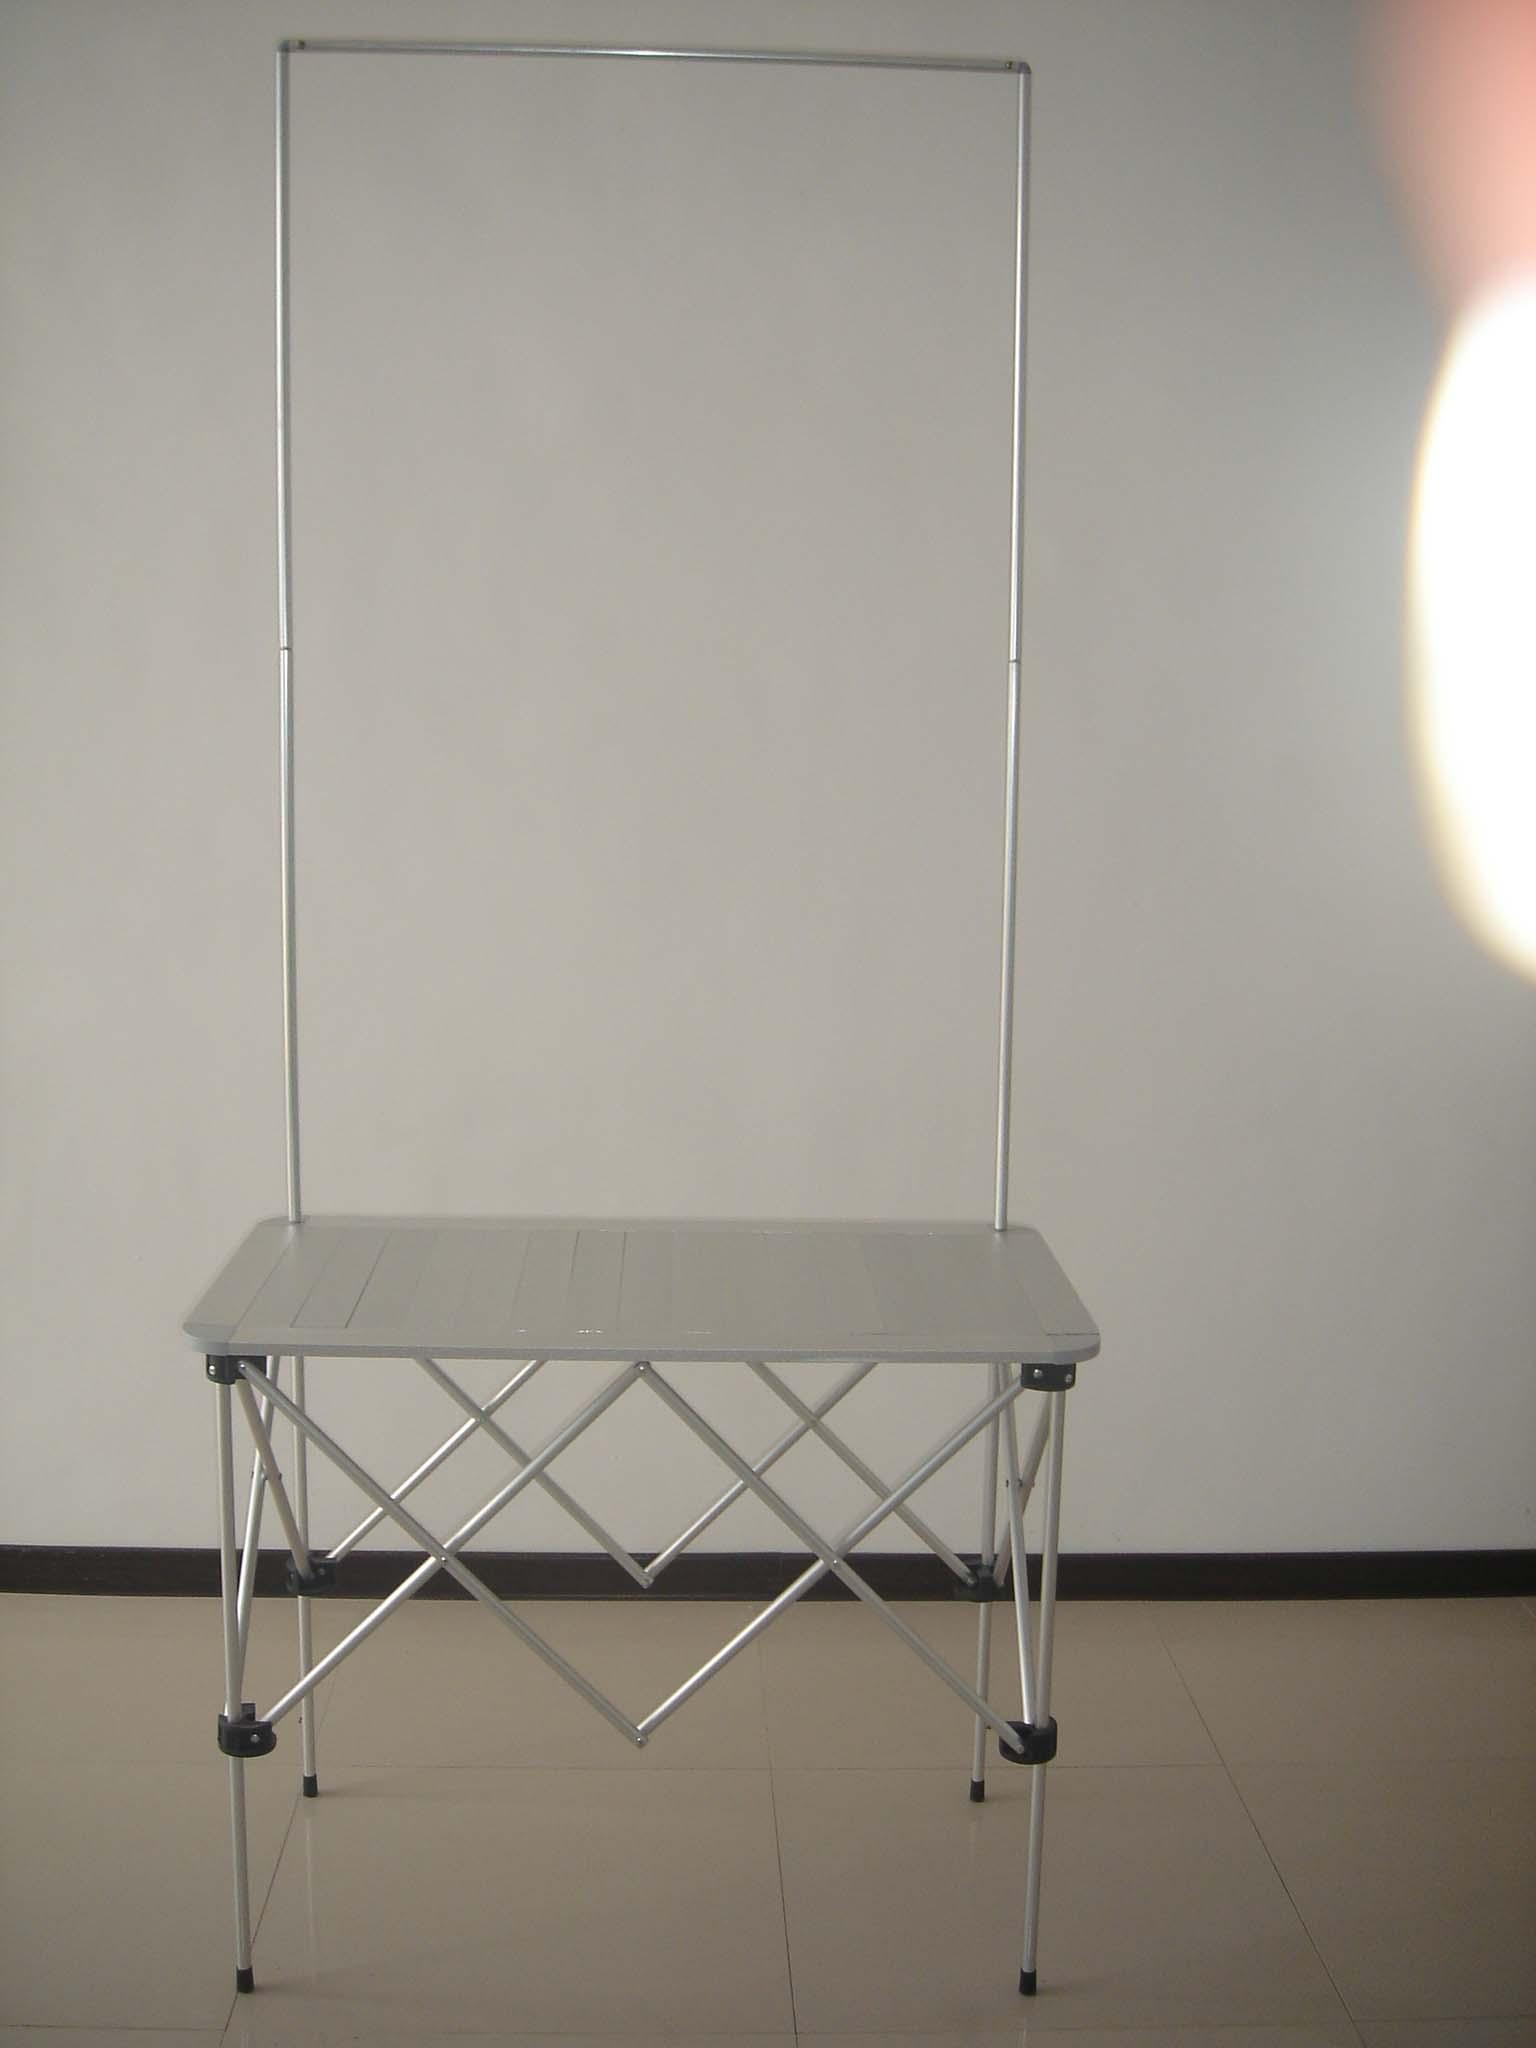 供应全铝折叠促销台全铝折叠促销桌